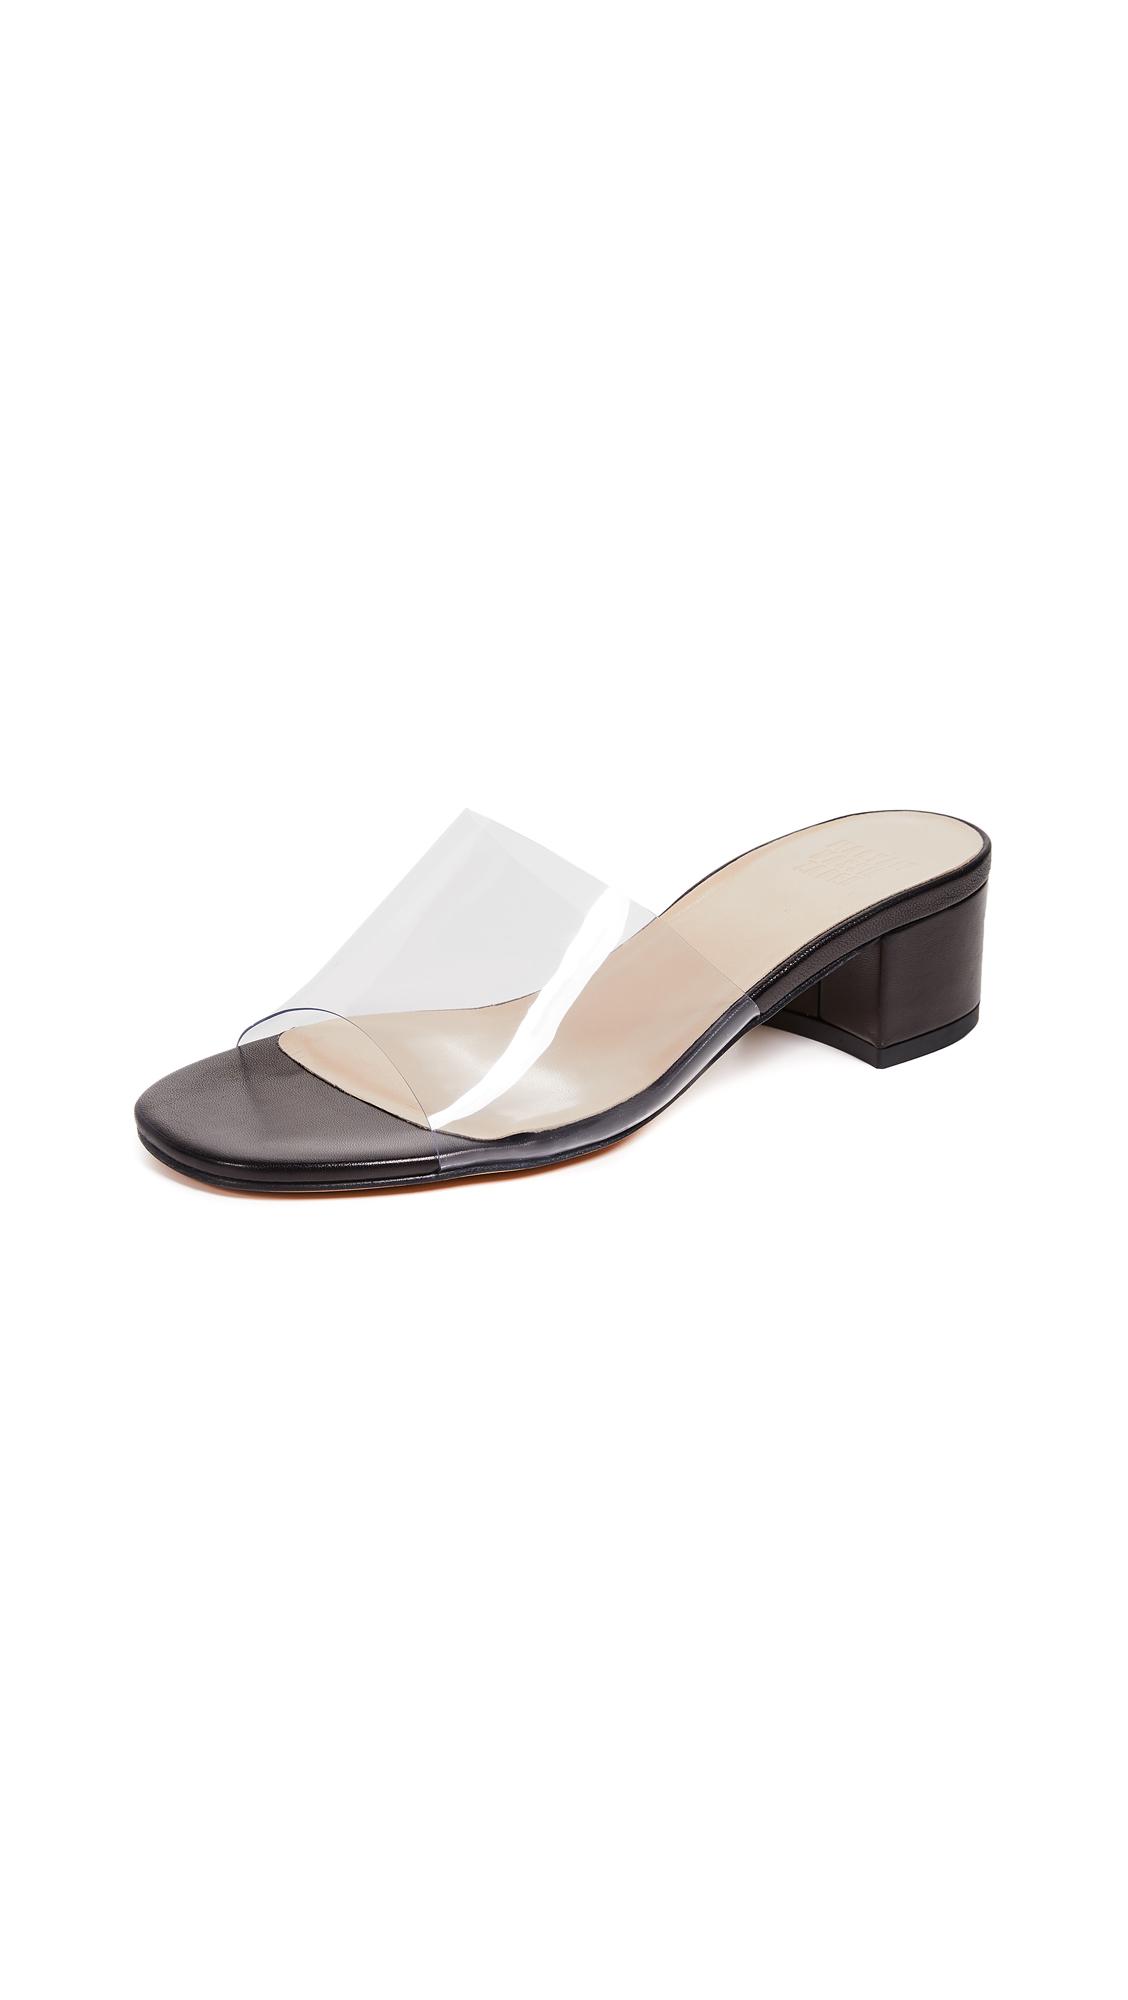 Maryam Nassir Zadeh Sophie Slide Sandals - Black/Clear